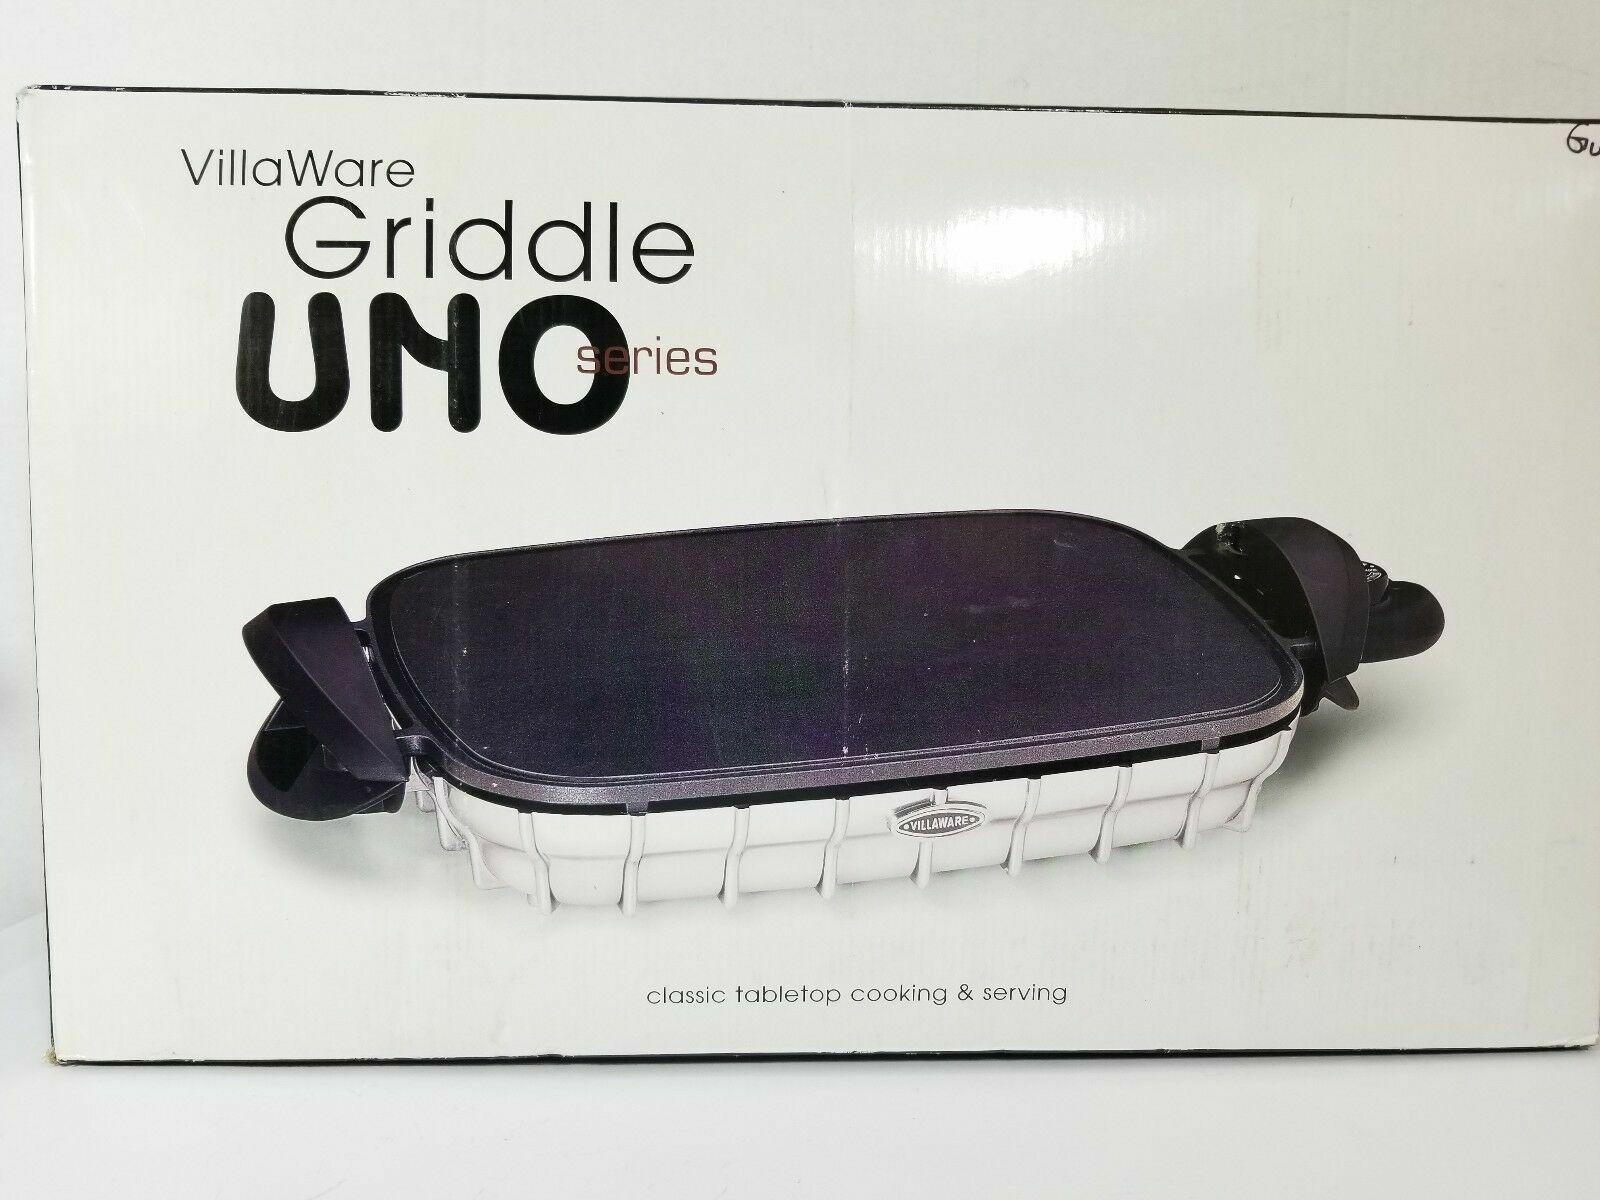 Nouveau Villaware Uno Series Crêpière modèle 2050 avec Métal Classique Bas